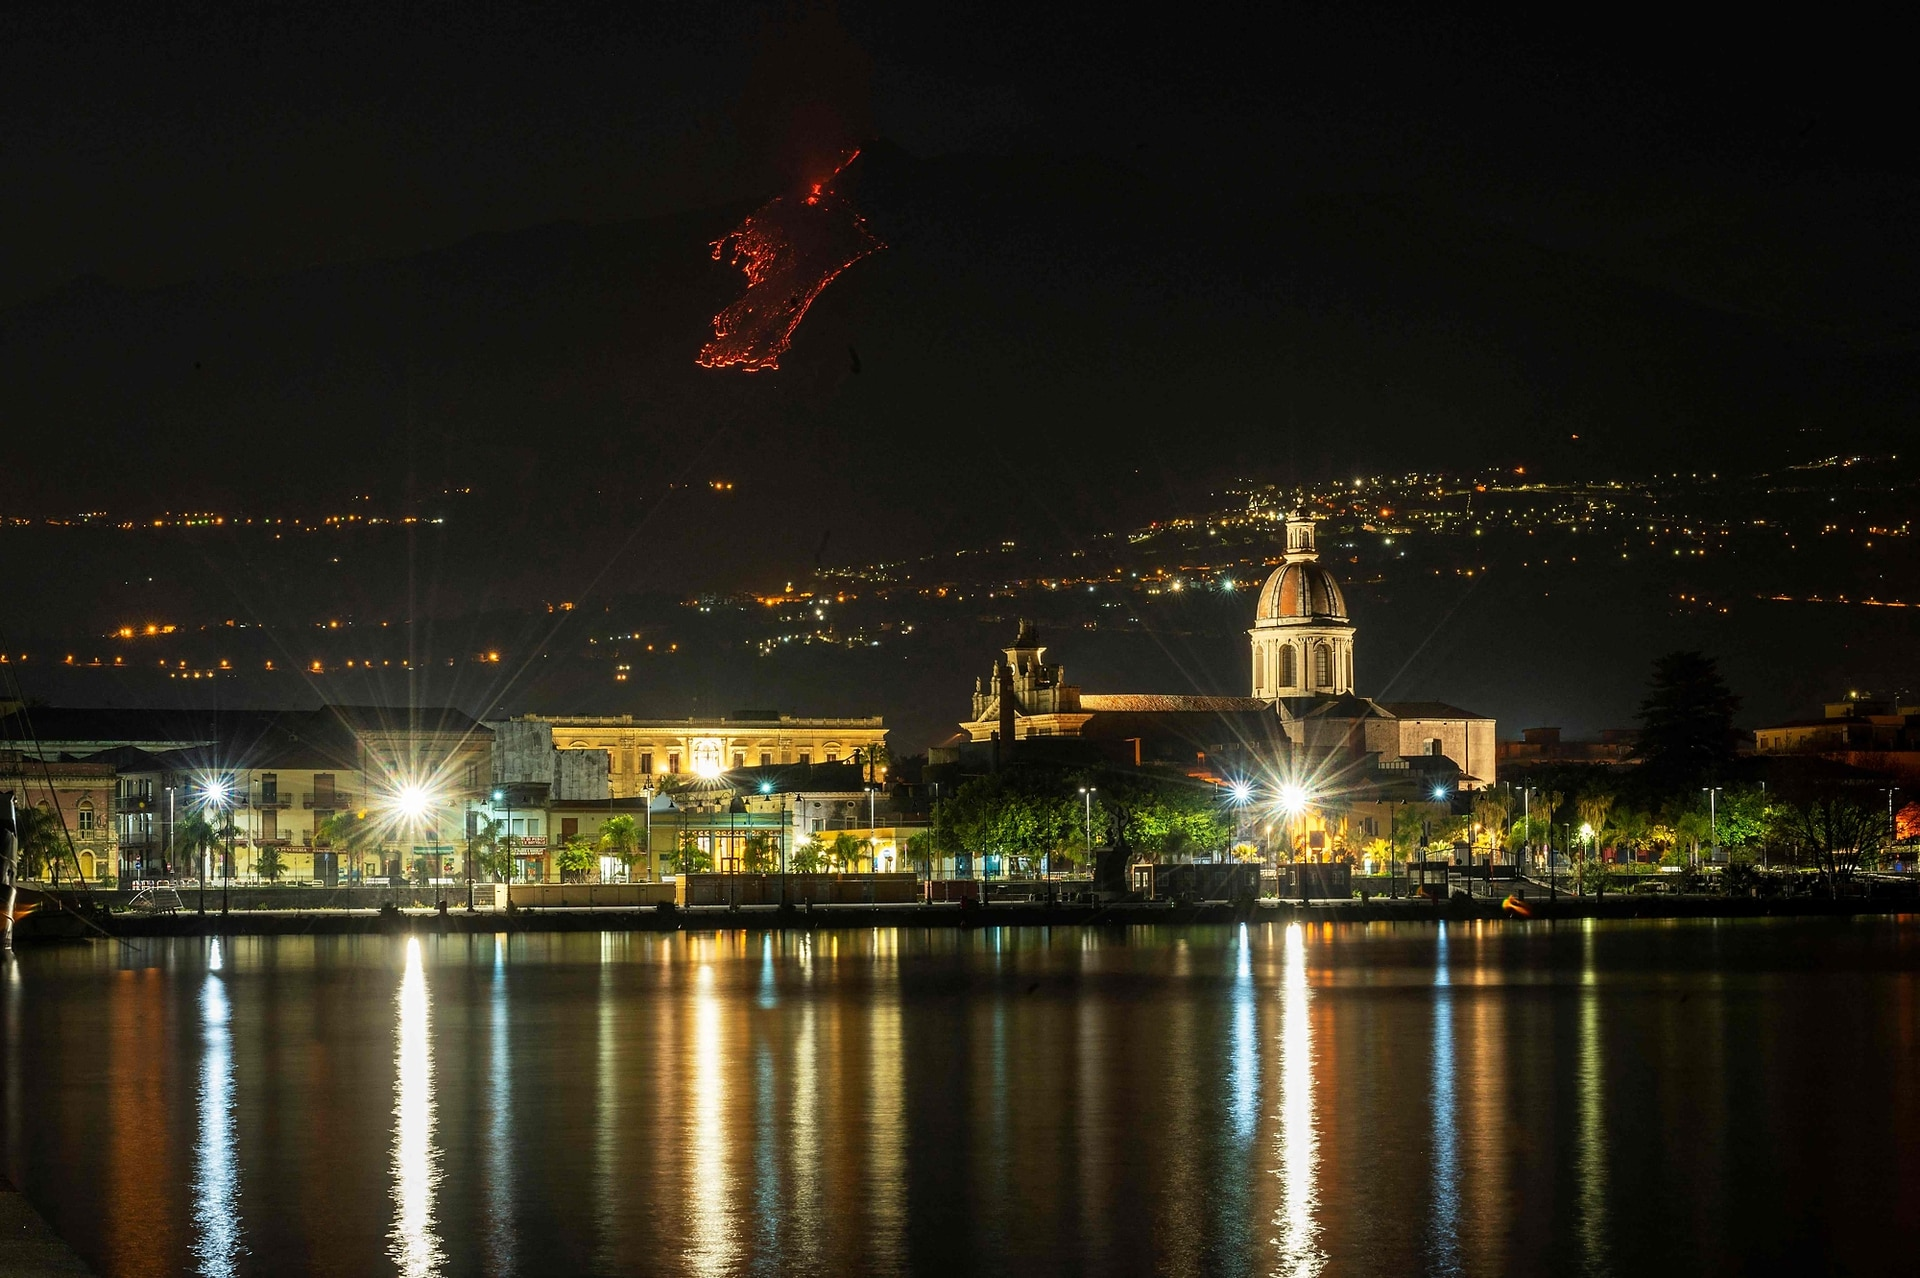 La erupción fue algo más leve que la de la semana pasada, tal y como indicaron varios residentes de la ciudad de Catania, que se encuentran junto al volcán